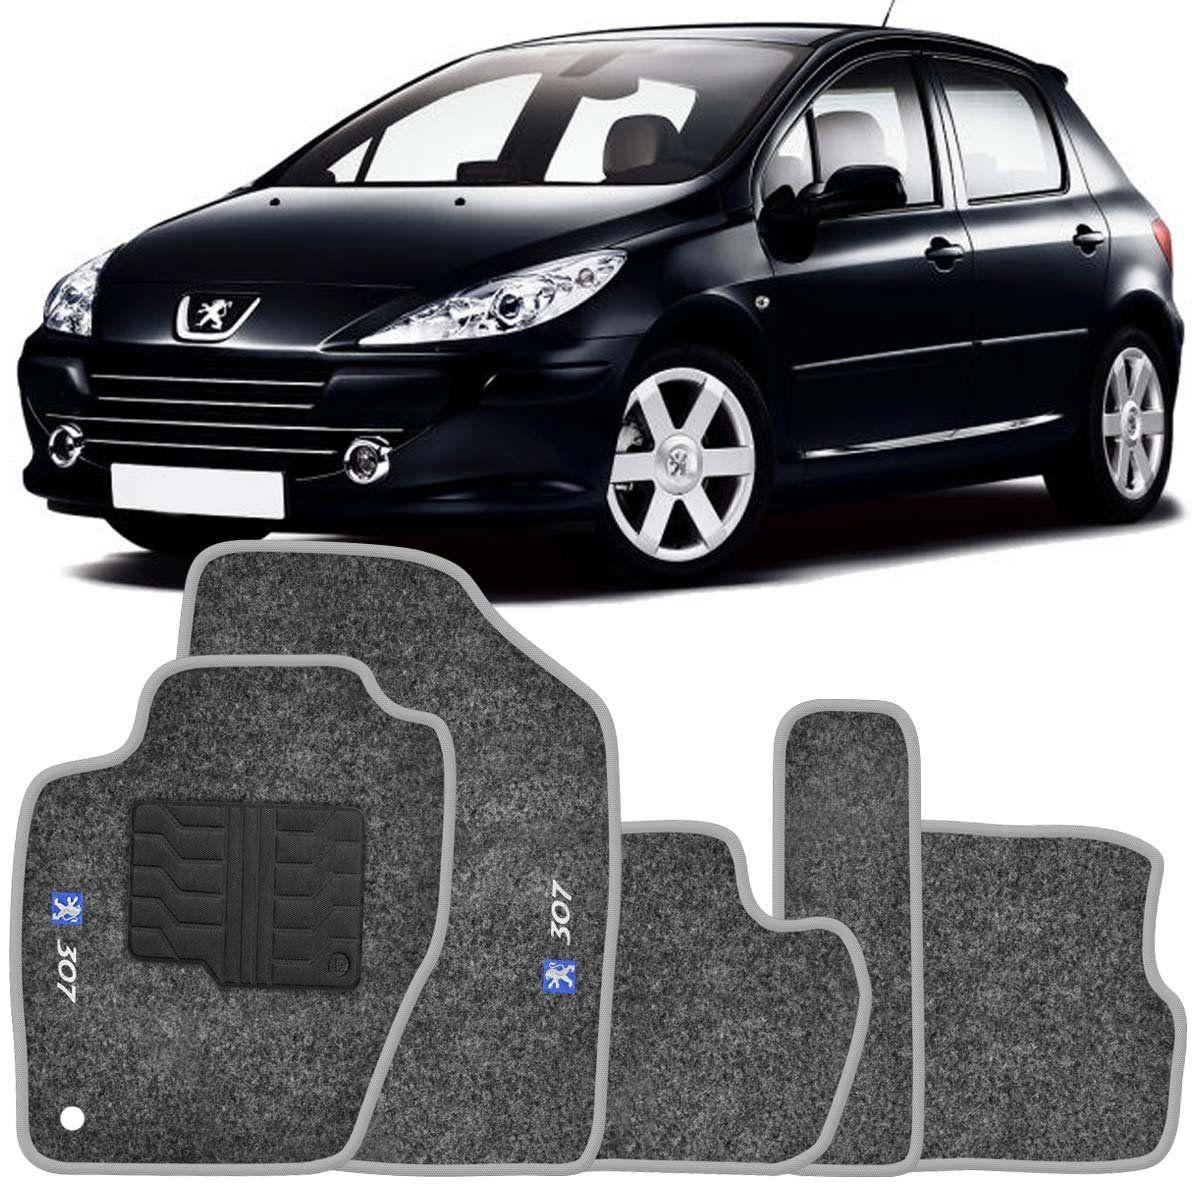 Tapete Carpete Peugeot 307 2002 2003 2004 2005 2006 2007 2008 2009 Grafite